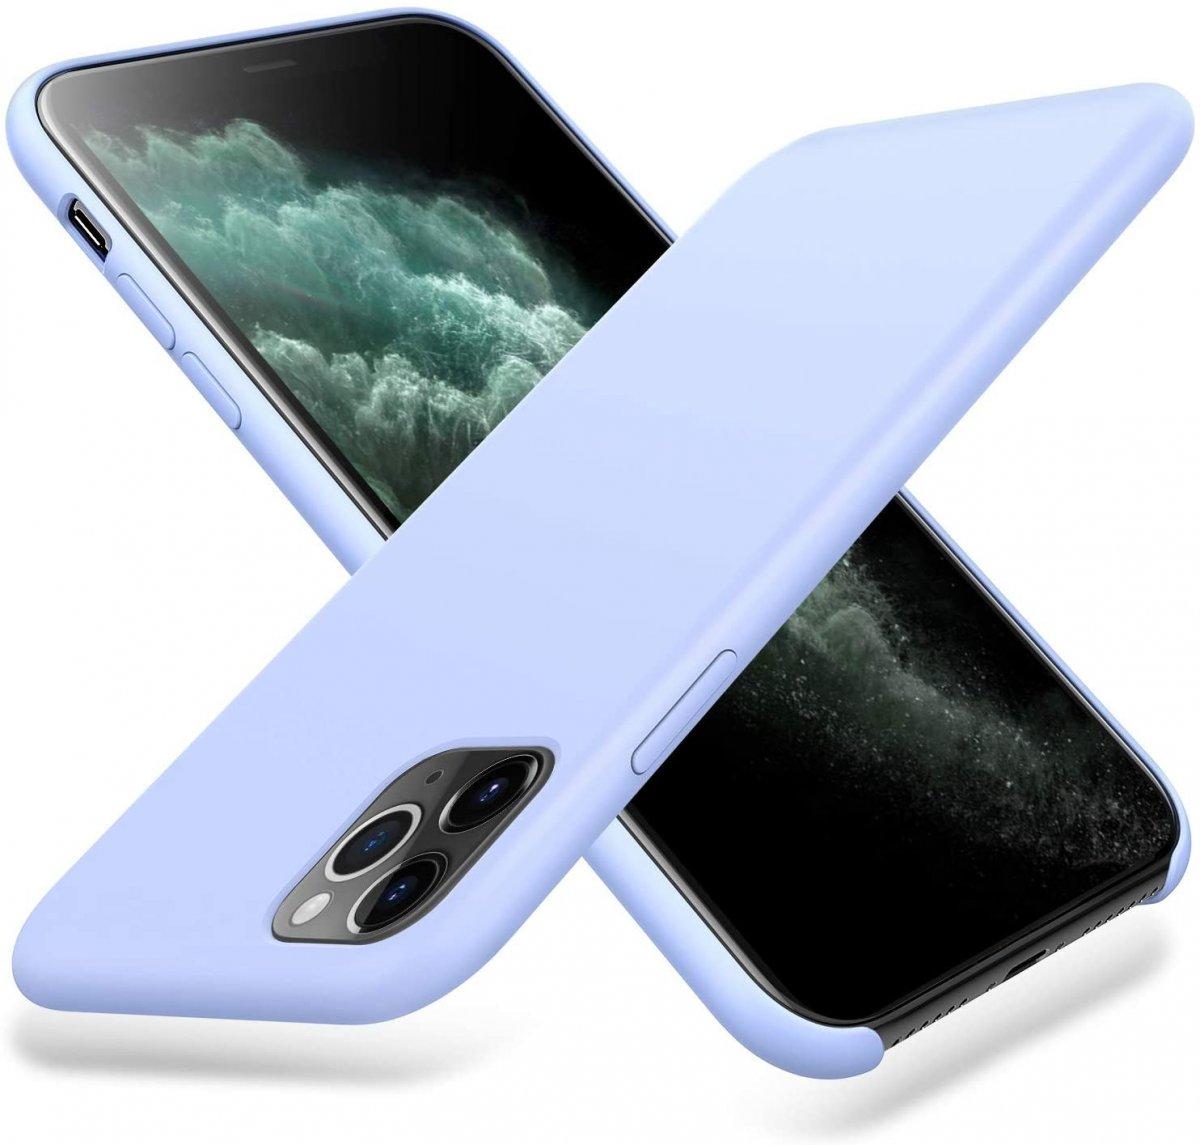 Pouzdro iMore Silicone Case iPhone 11 Pro - Šeříkový